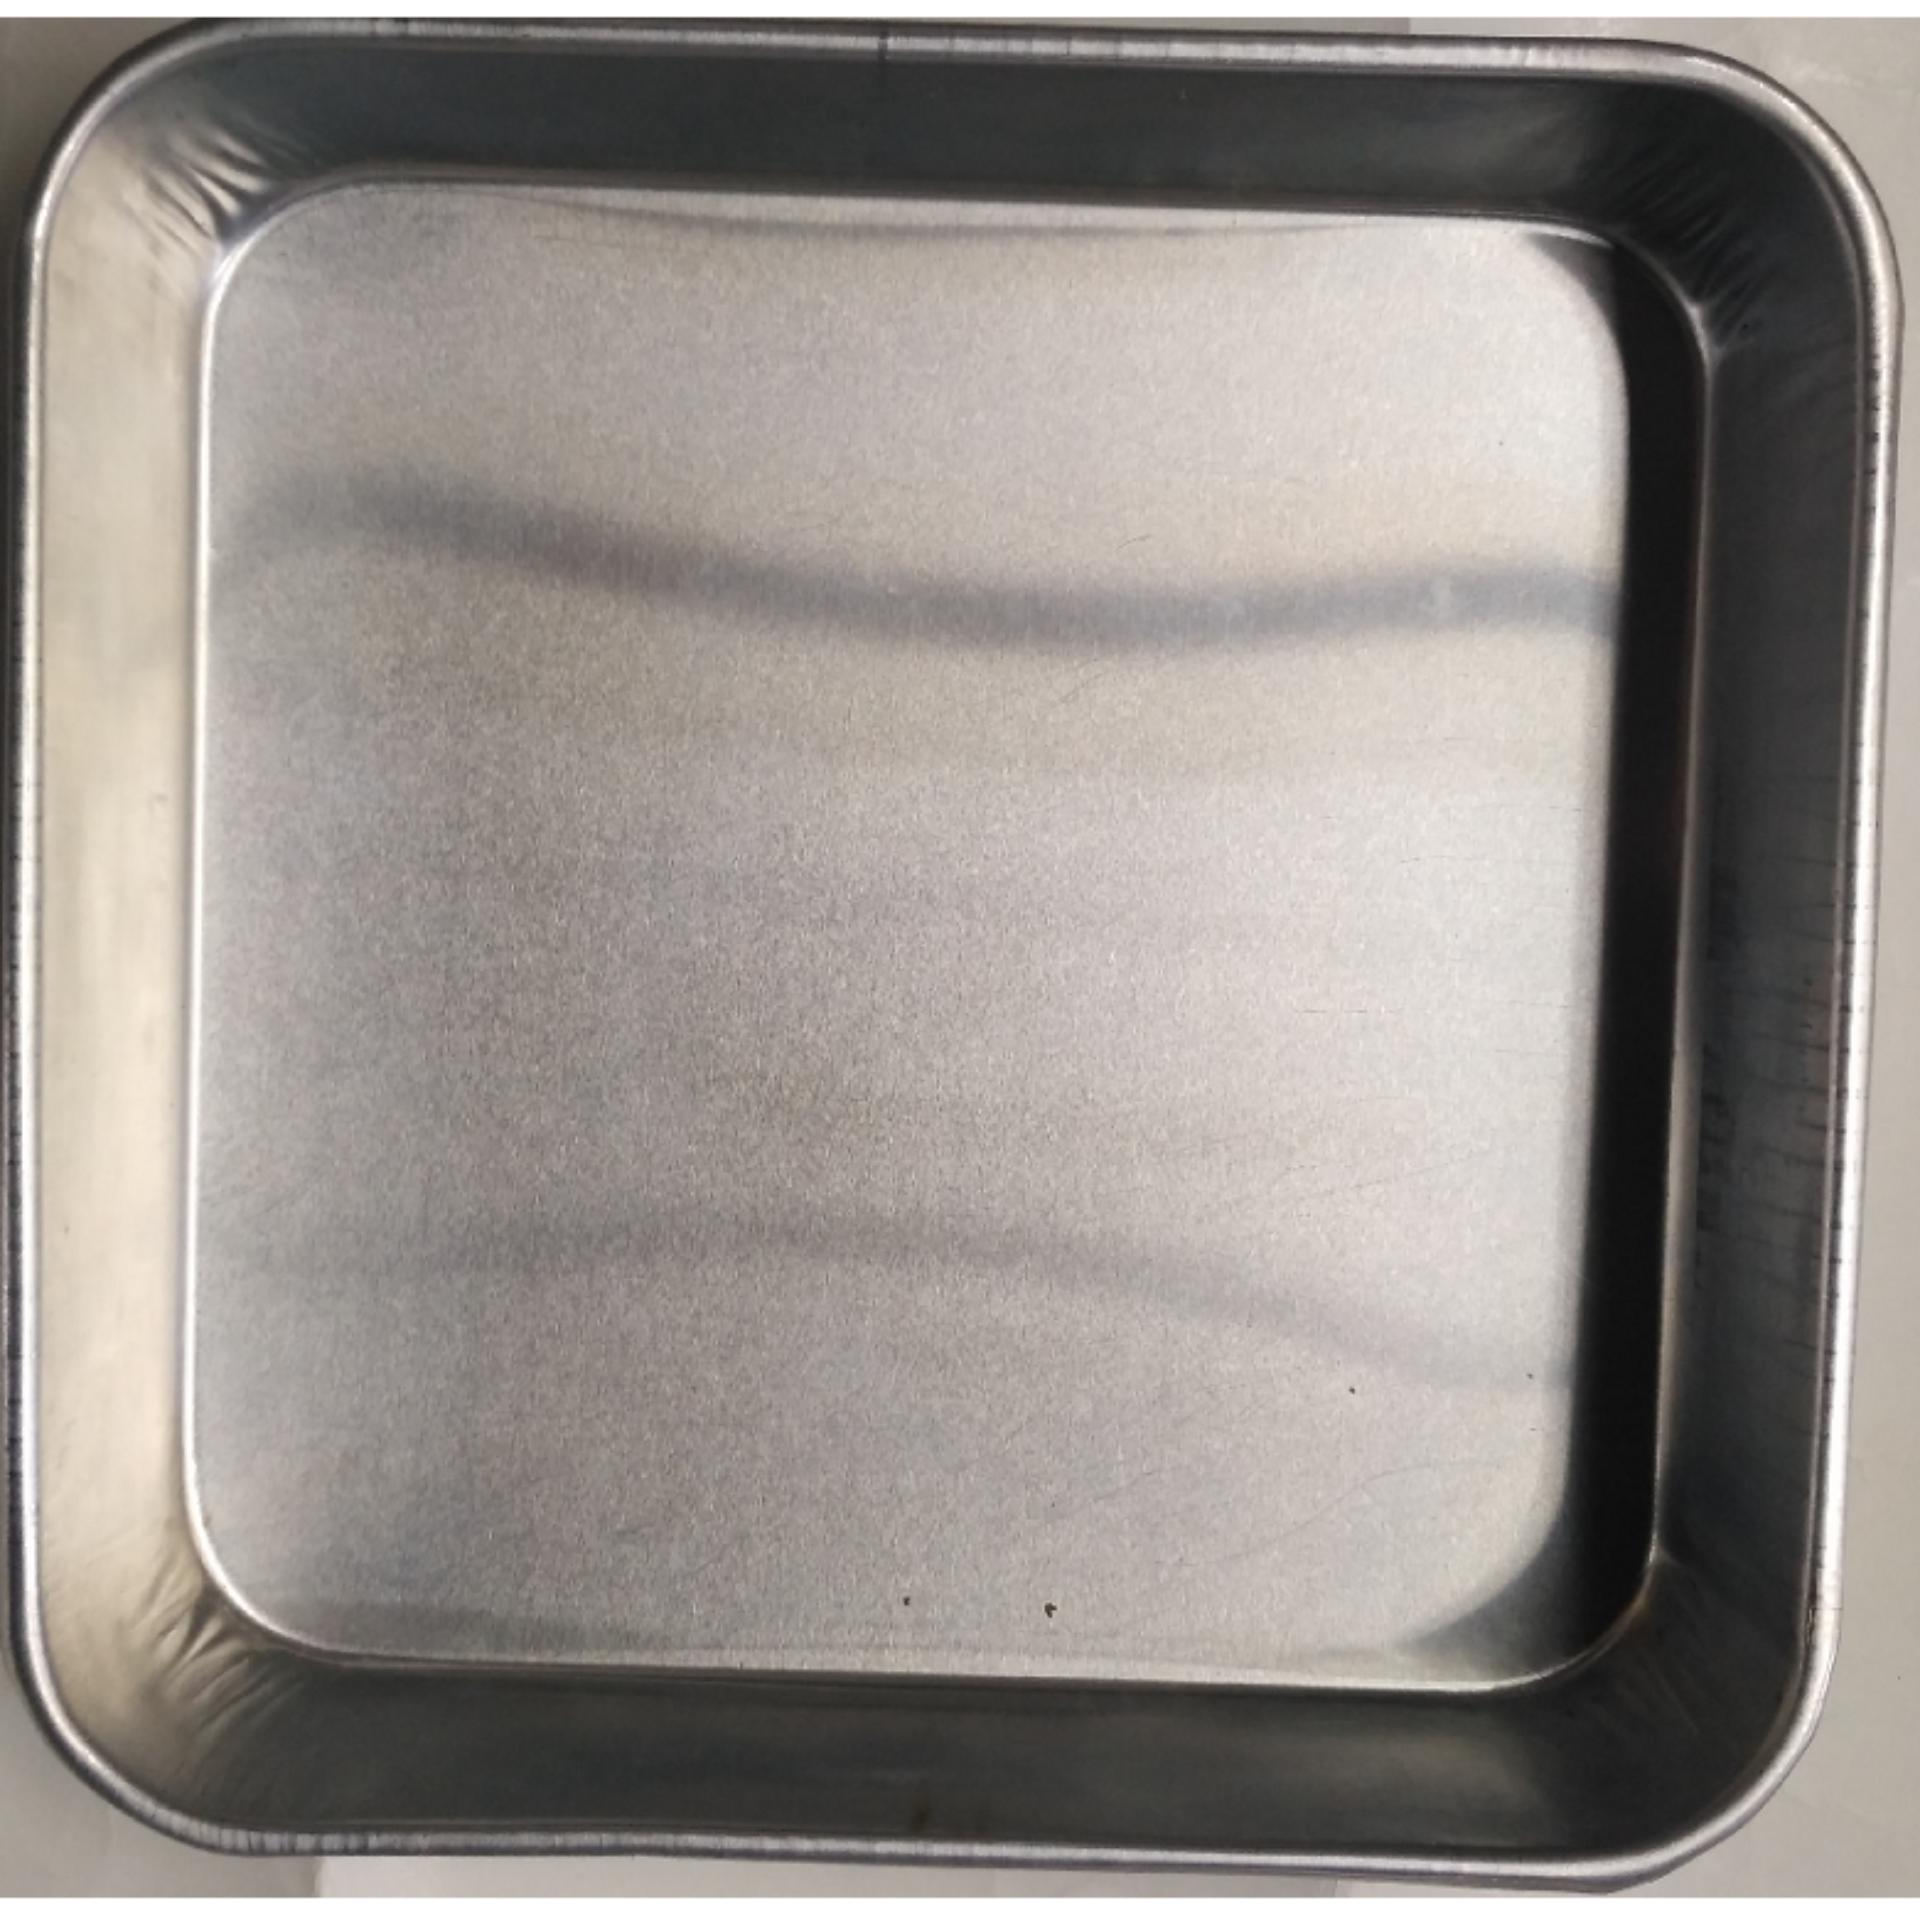 Beli Dos 2Bh Loyang Loyang Kotak Ukuran 24 X 24 X 4 Cm Aluminium Online